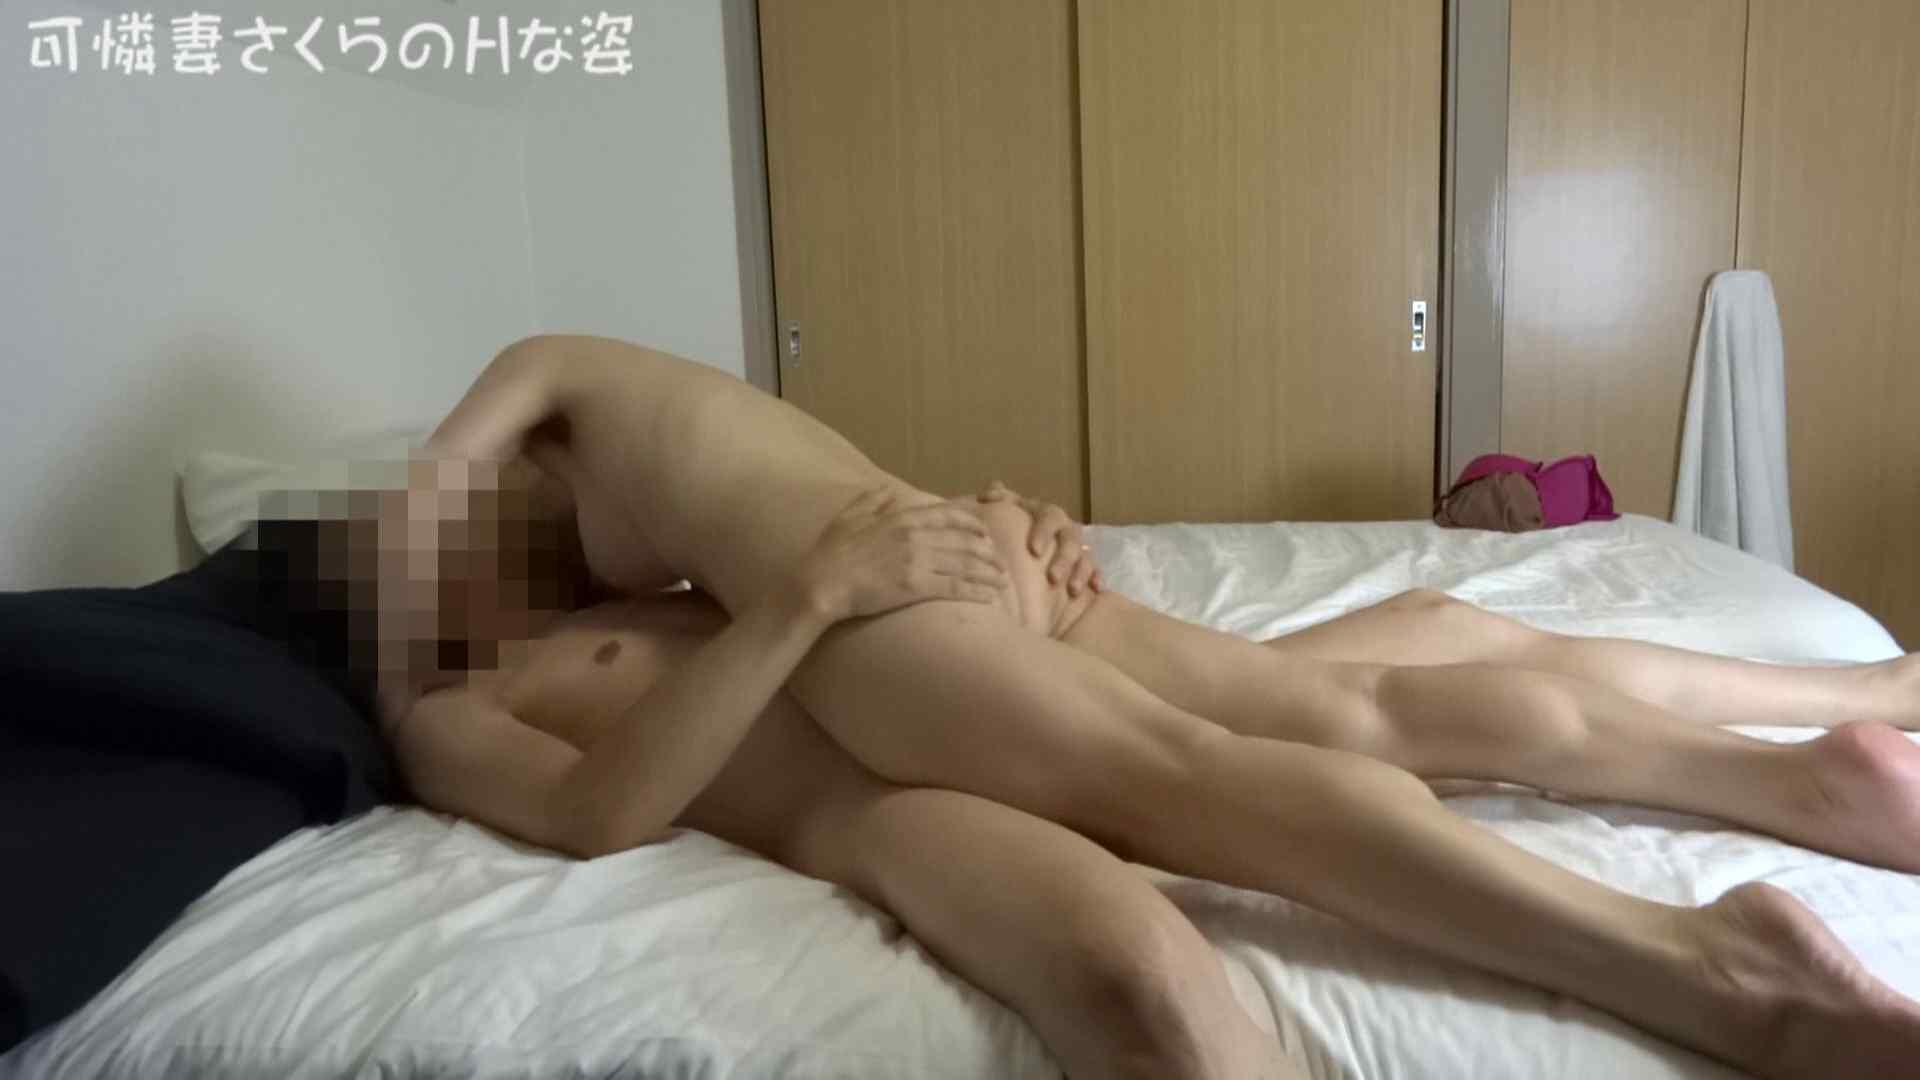 可憐妻さくらのHな姿vol.17 熟女の裸体 | OL裸体  97画像 63